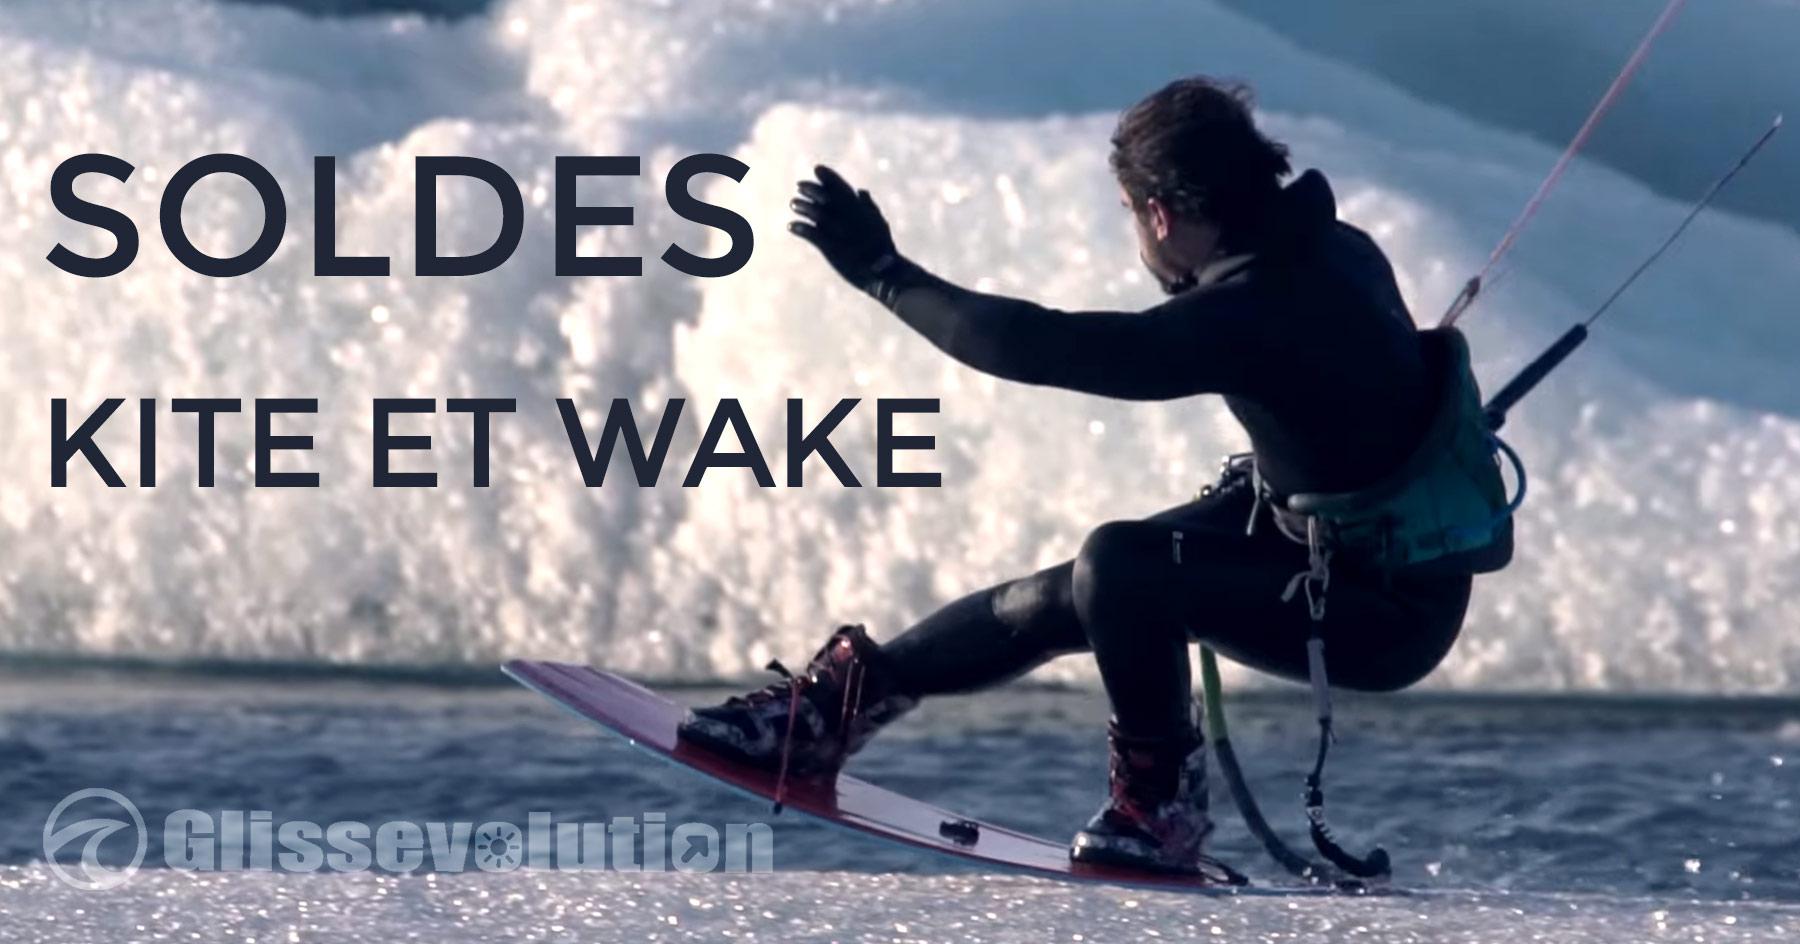 Soldes kite kitesurf et wake Hiver 2020 Grosses promos